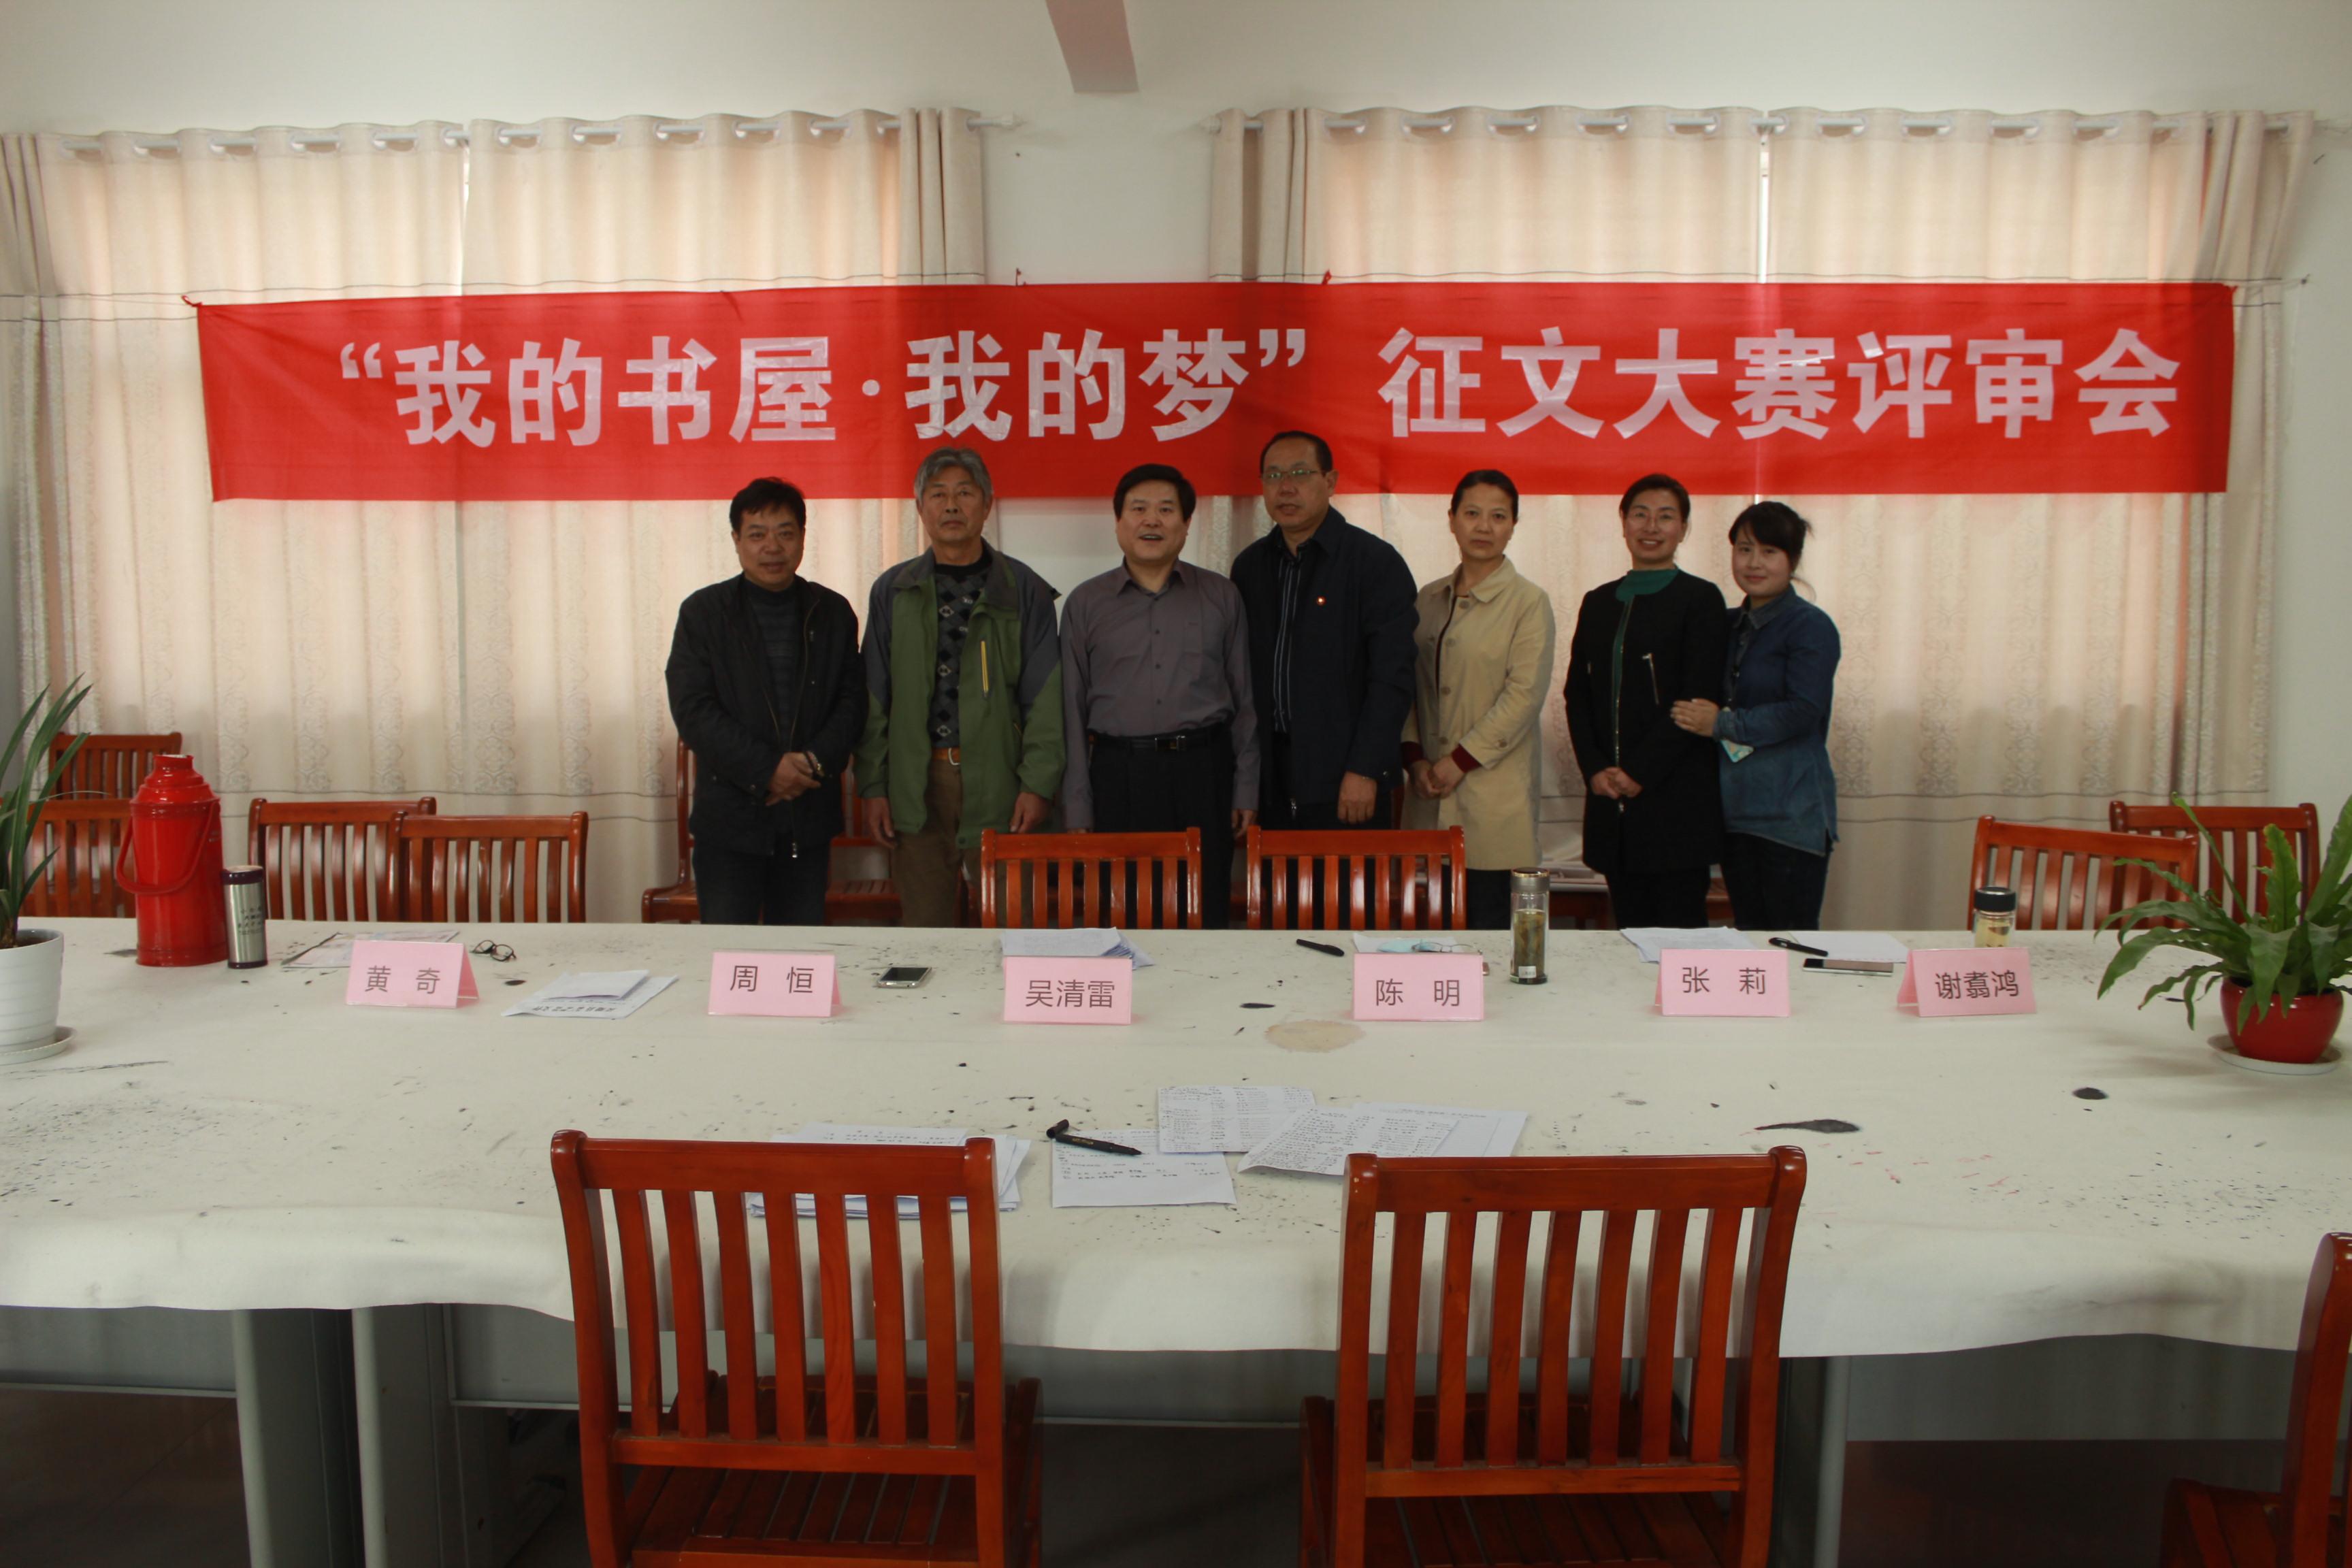 """安徽省灵璧县""""我的书屋·我的梦""""征文比赛评选结果揭晓(图)"""